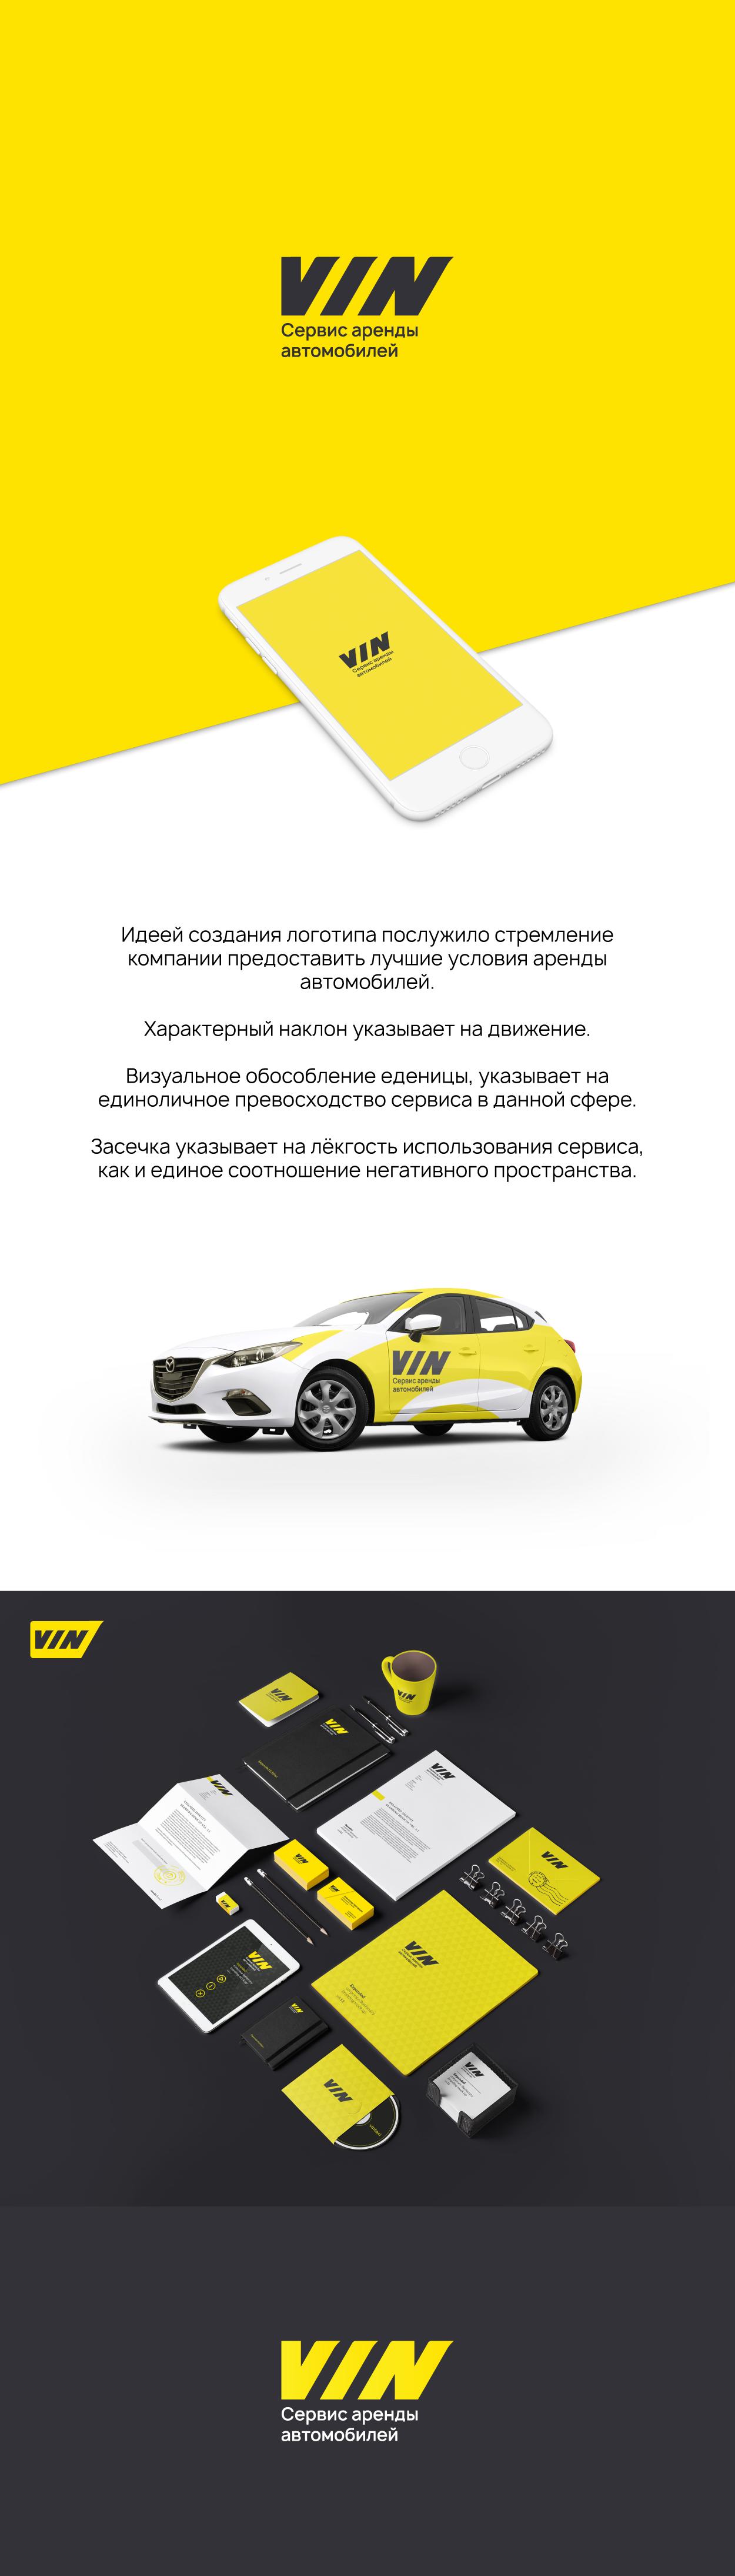 Разработка логотипа и фирменного стиля для такси фото f_9445b94b24c82d28.png